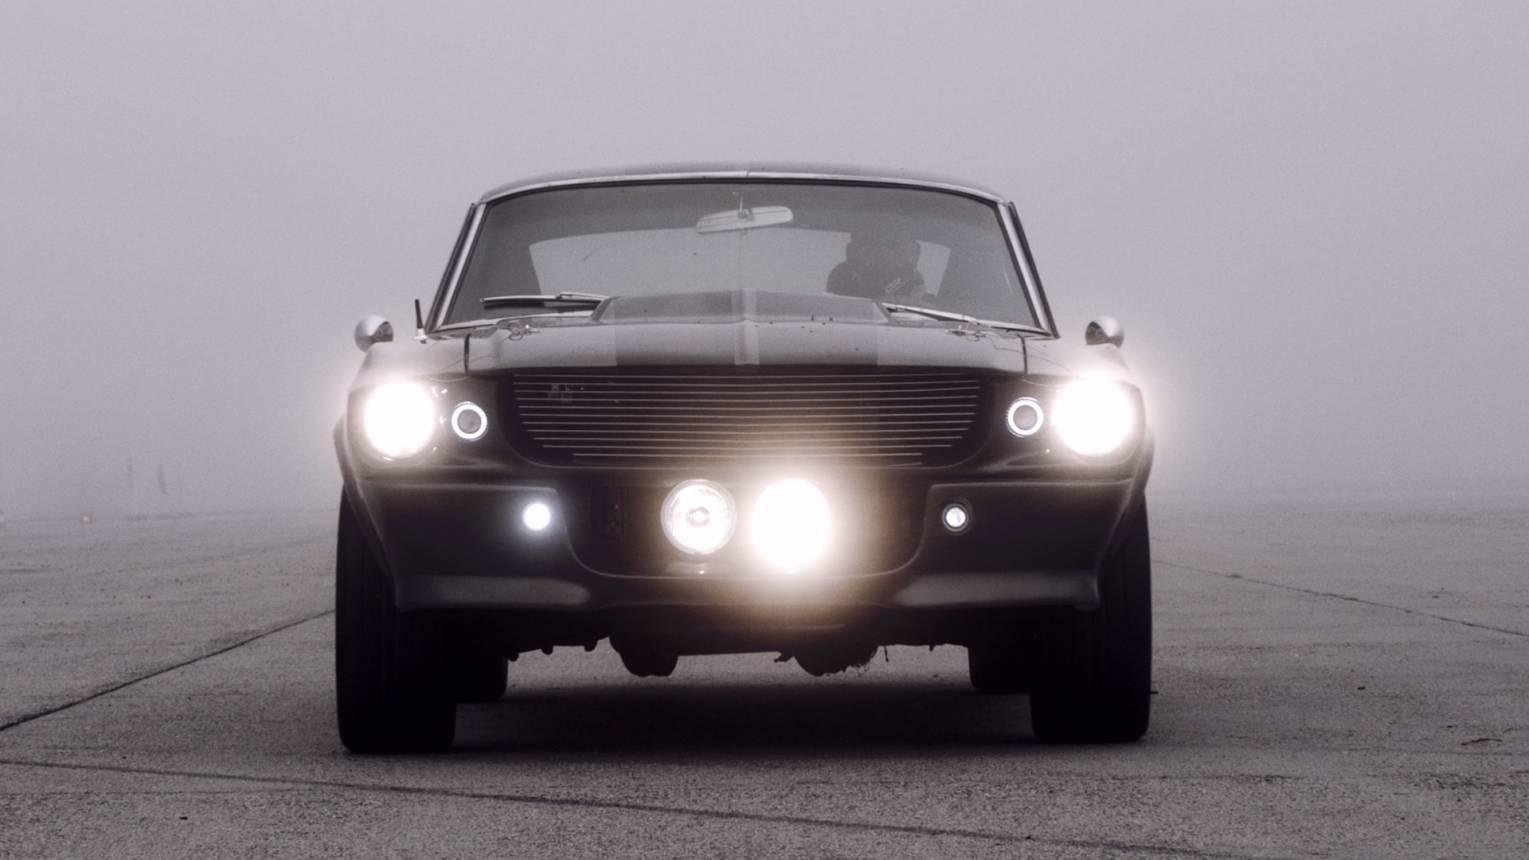 Shelby Mustang GT Eleanor vezetés a DRX-ringen téli kedvezménnyel